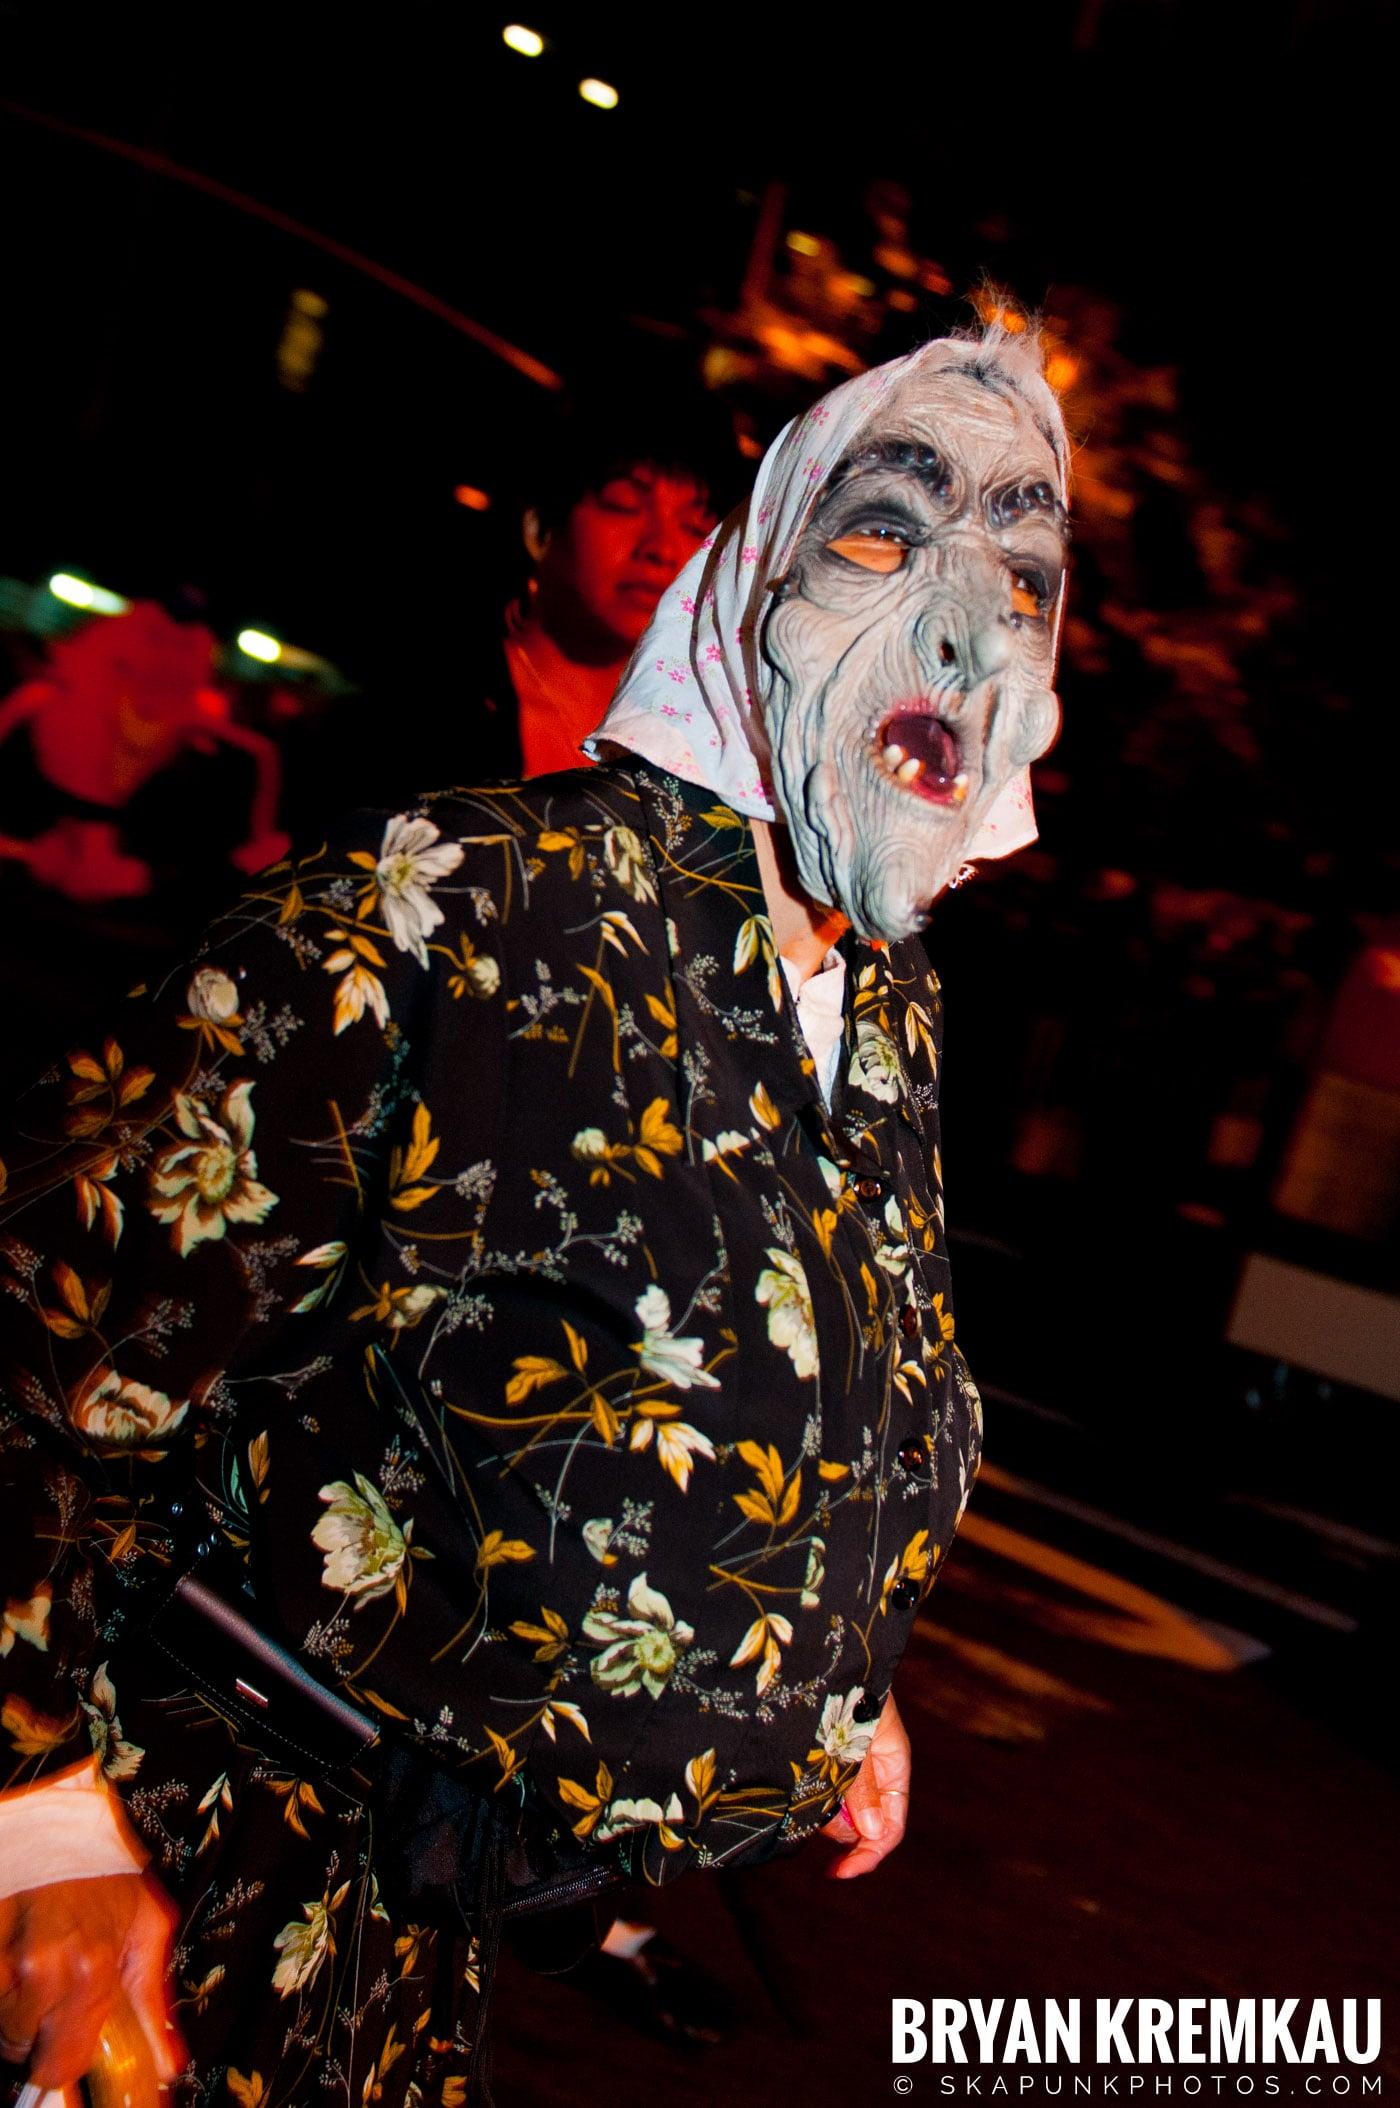 NYC Halloween Parade 2011 @ New York, NY - 10.31.11 (86)